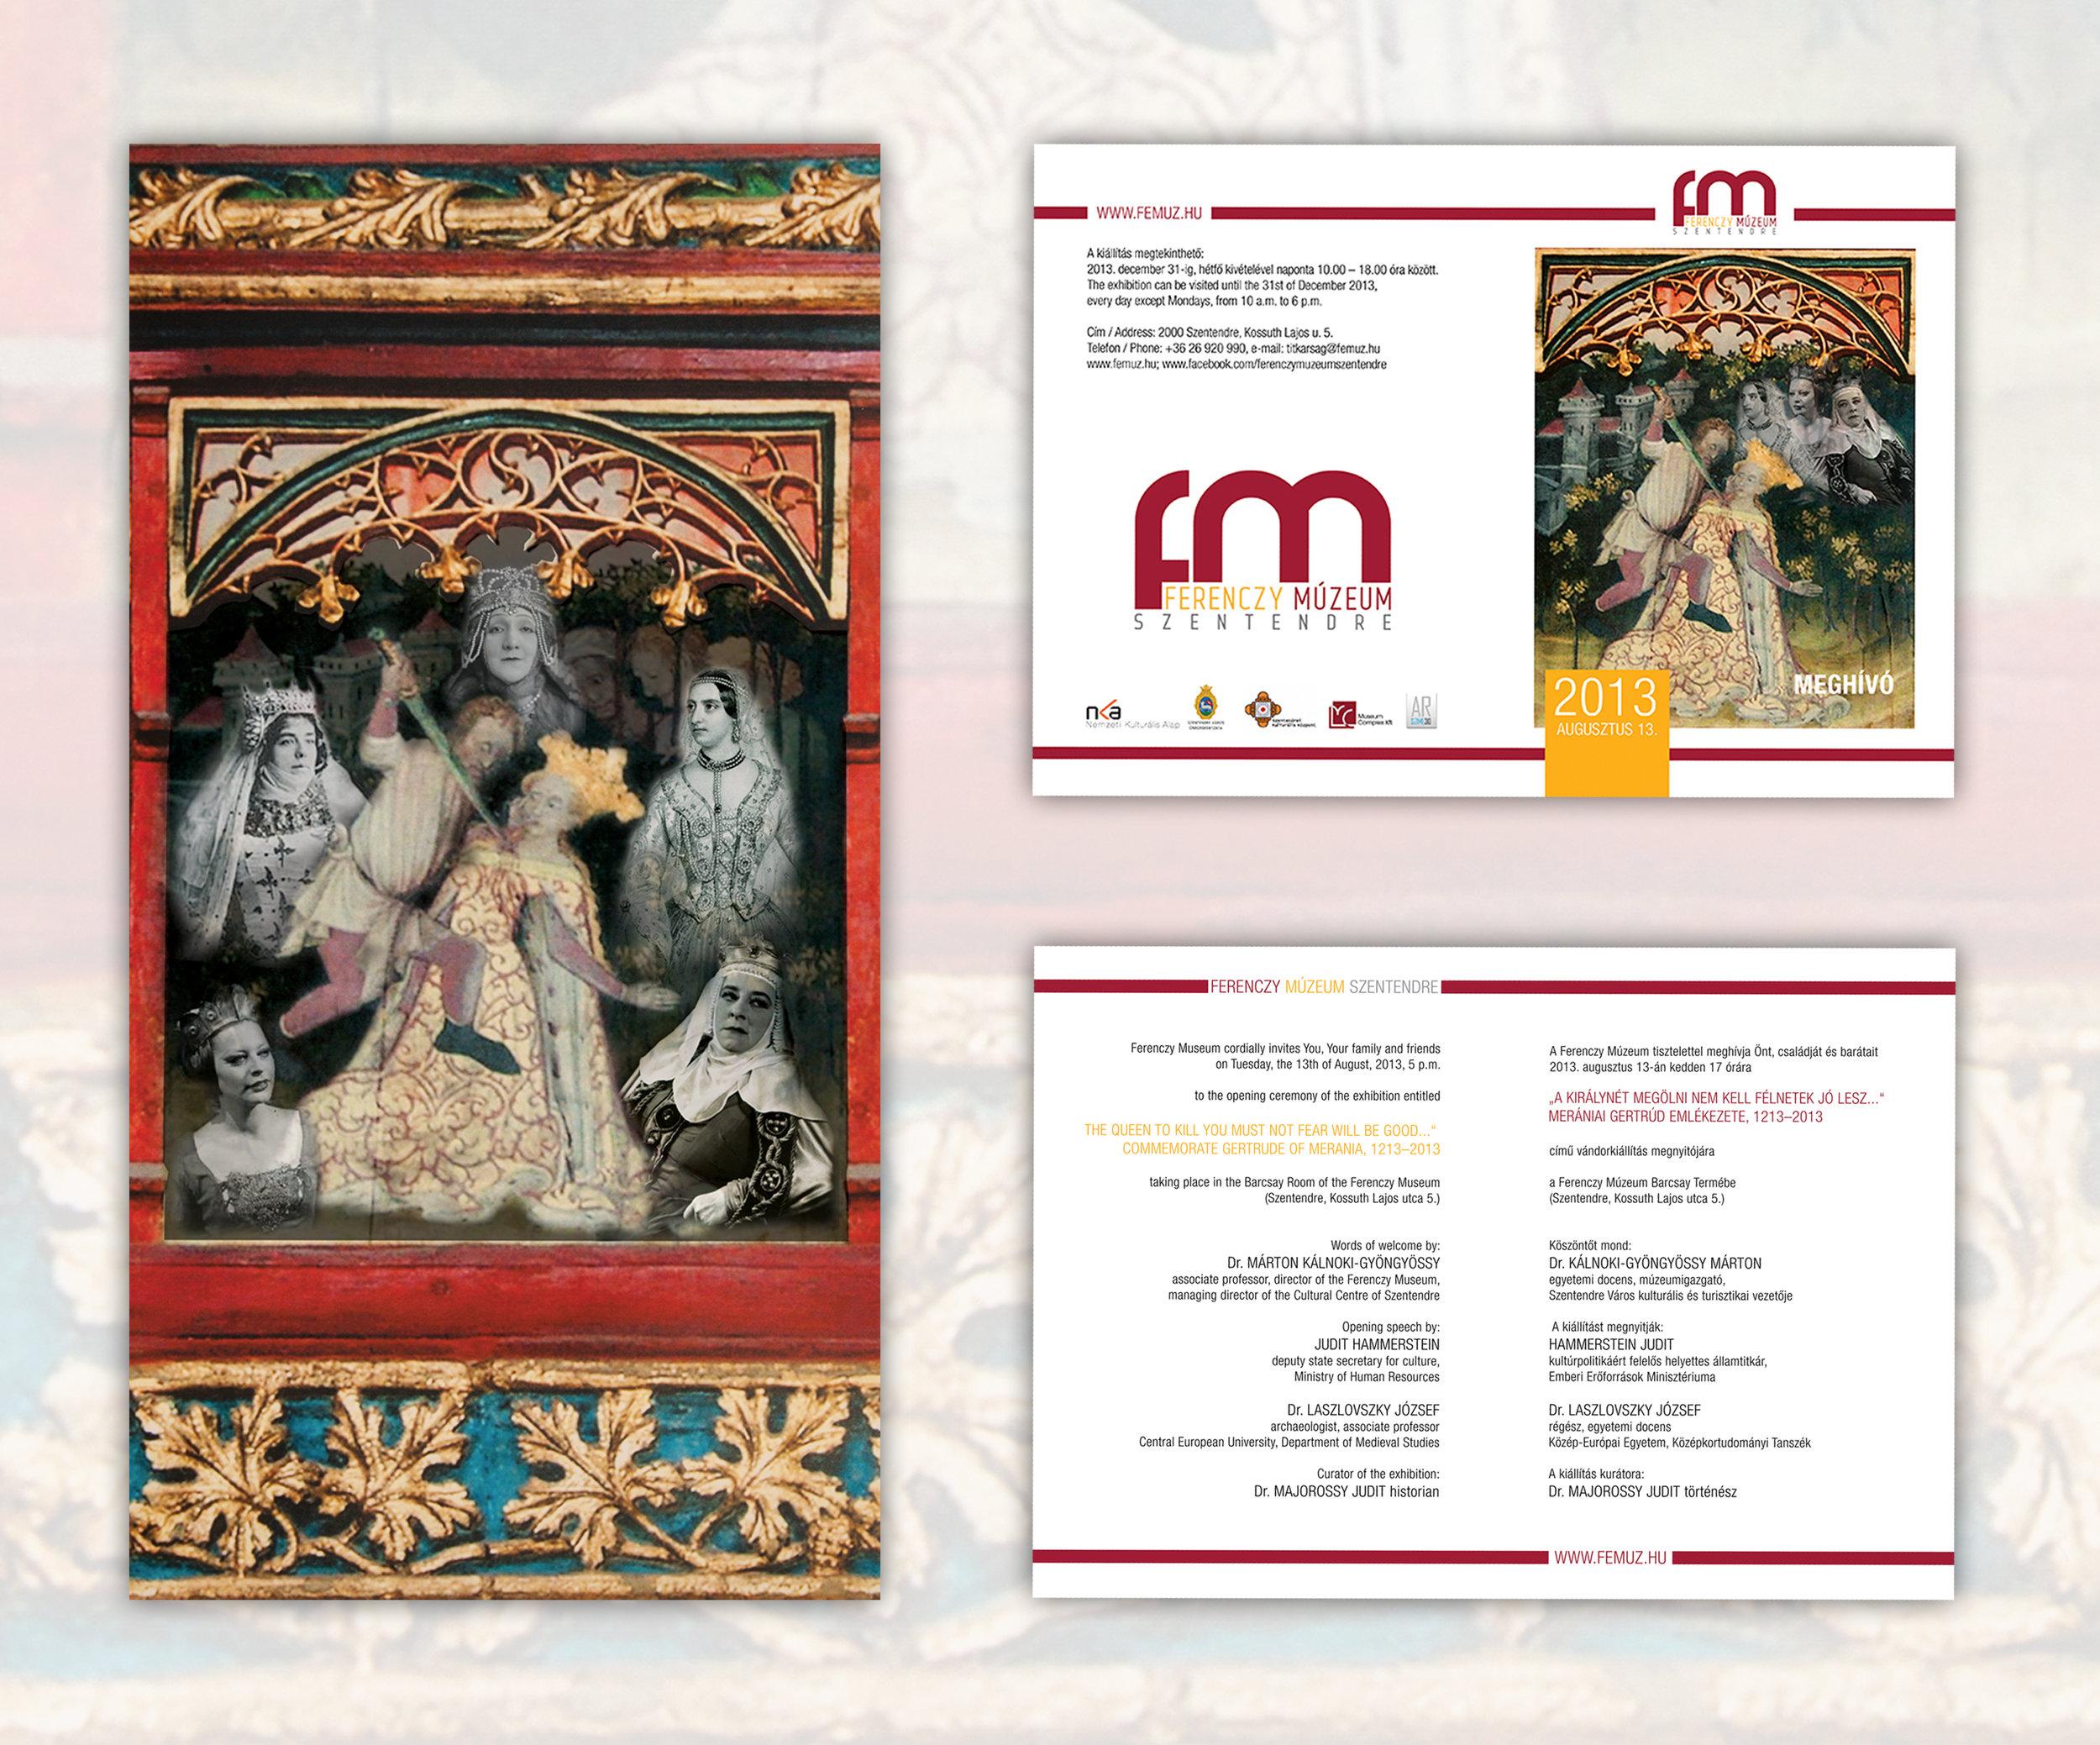 Ferenczy Múzeum meghívó és grafika